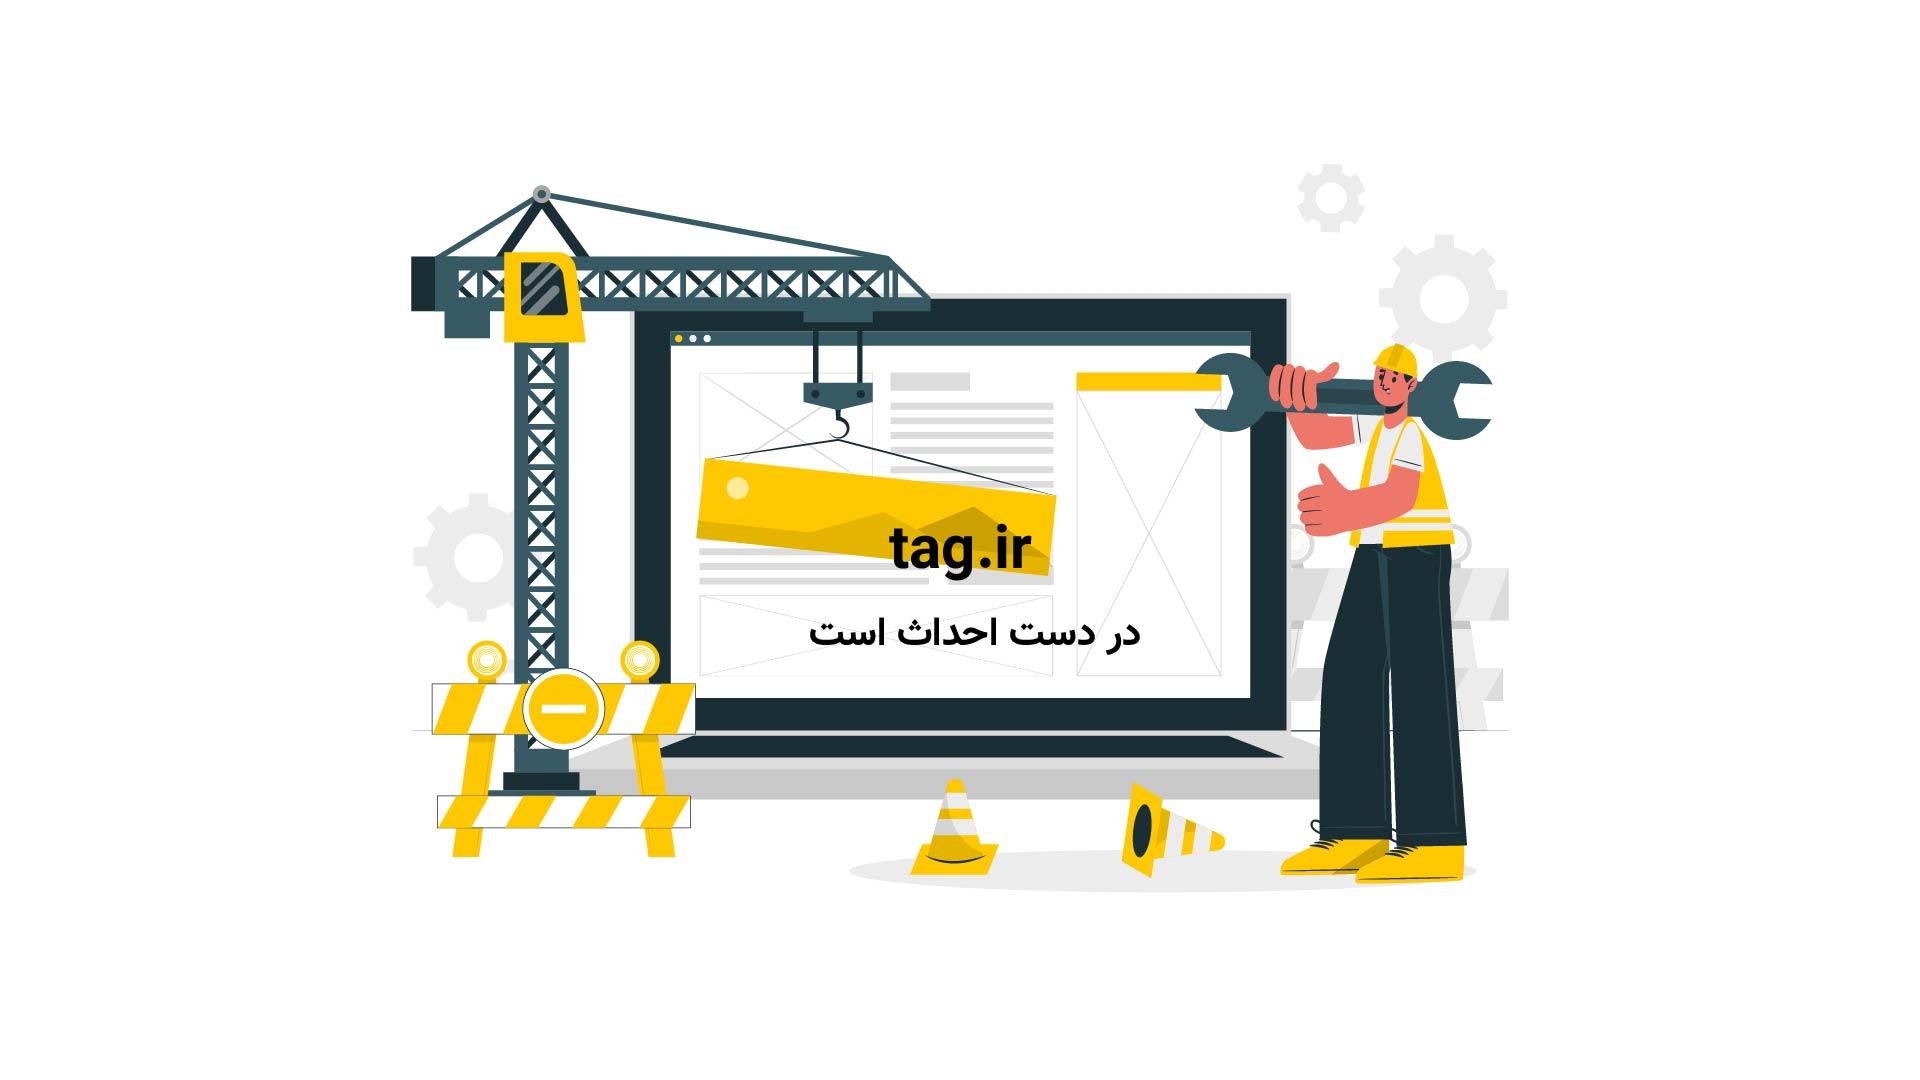 فیلم از حادثه تروریستی حله عراق و شهاددت بیش از ٦٠ زائر ایرانی